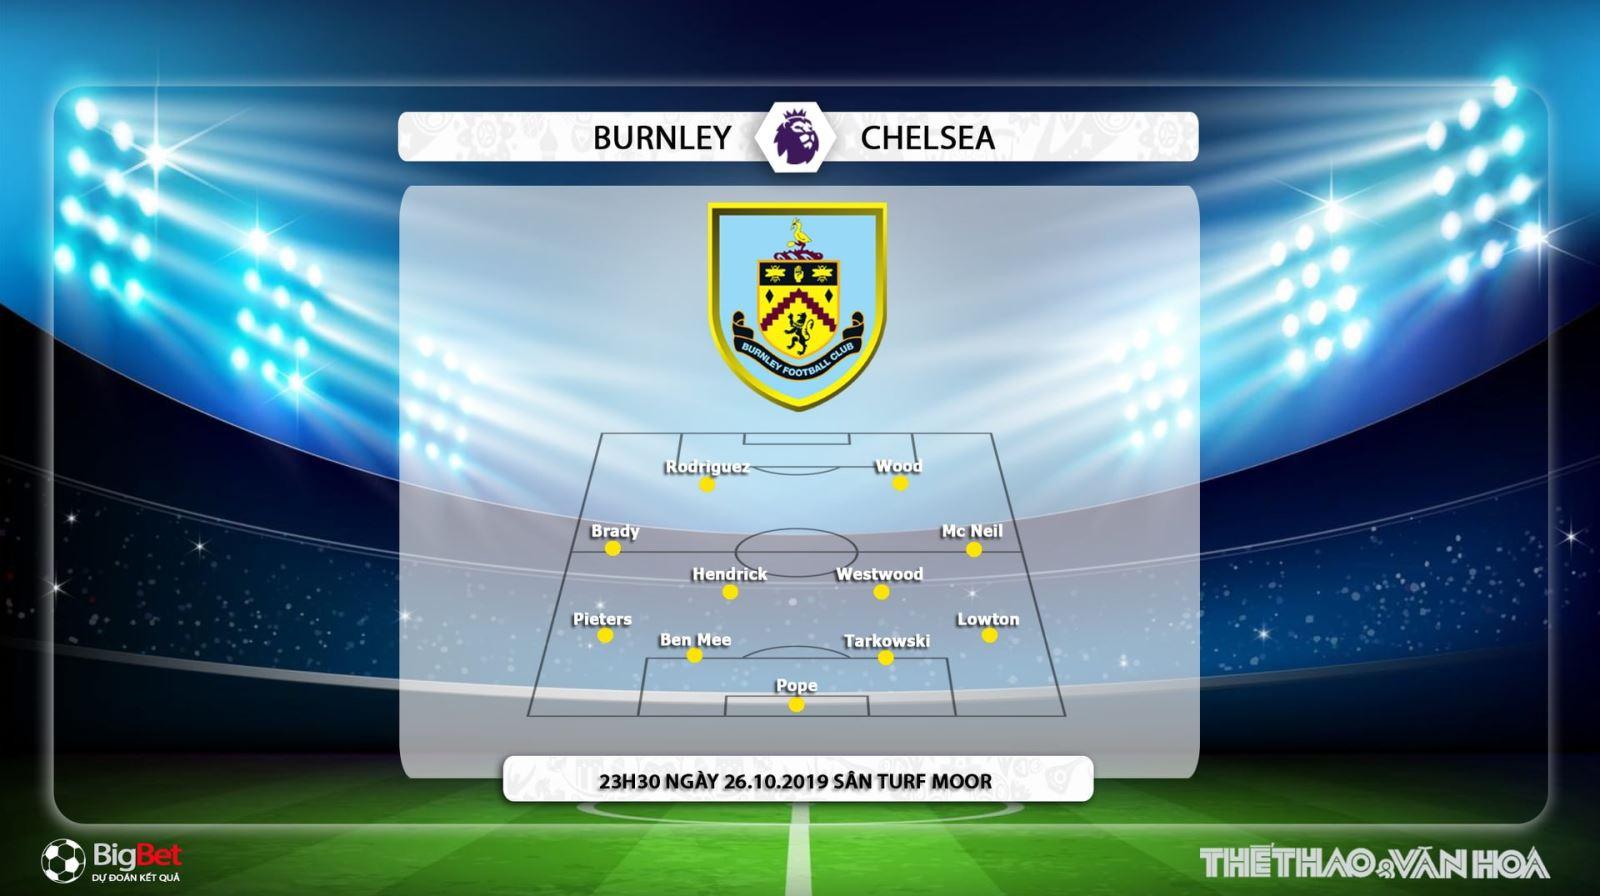 soi kèo bóng đá, Burnley đấu với Chelsea, truc tiep bong da hôm nay, K+, K+PM, K+PC, xem bóng đá trực tuyến, Burnley vs Chelsea, trực tiếp bóng đá, xem bong da truc tiep